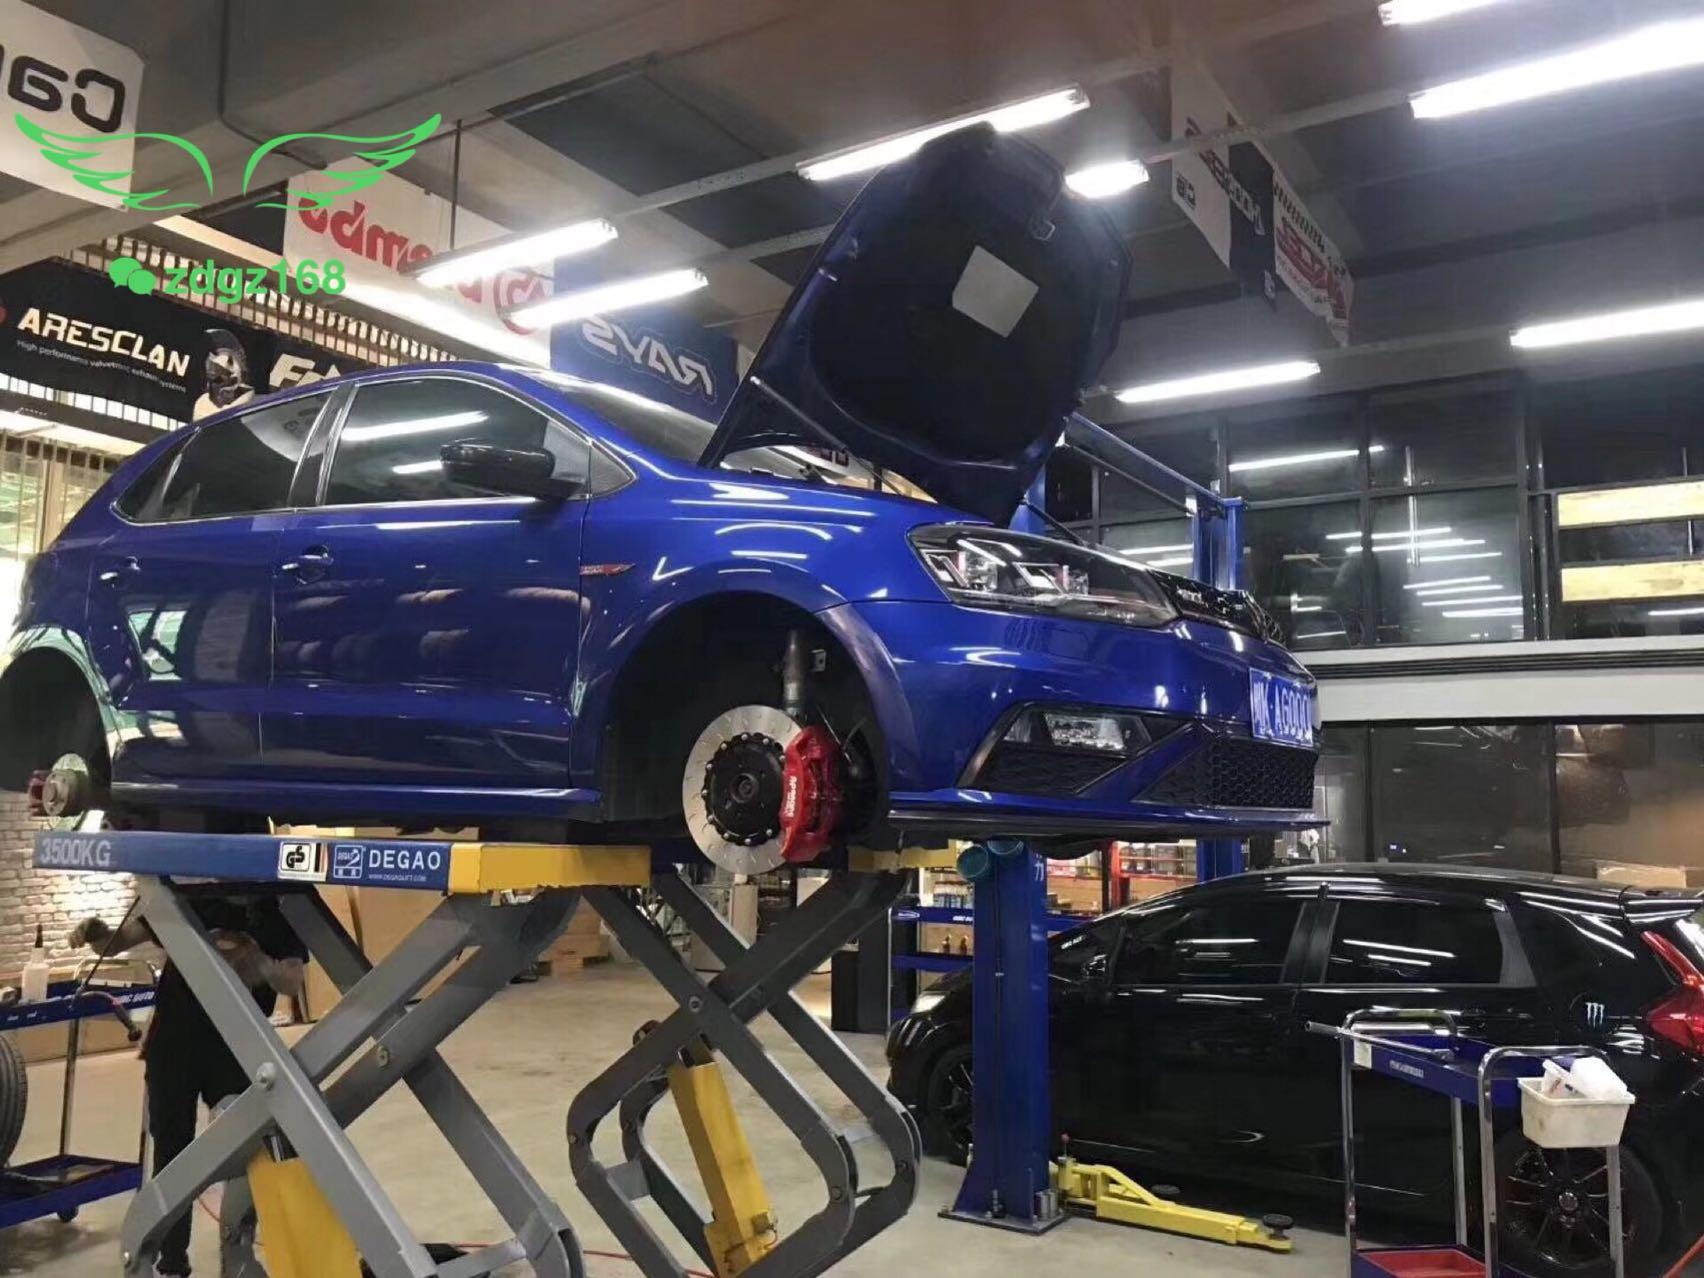 大众POLO刹车改装Ap9440大四刹车卡钳